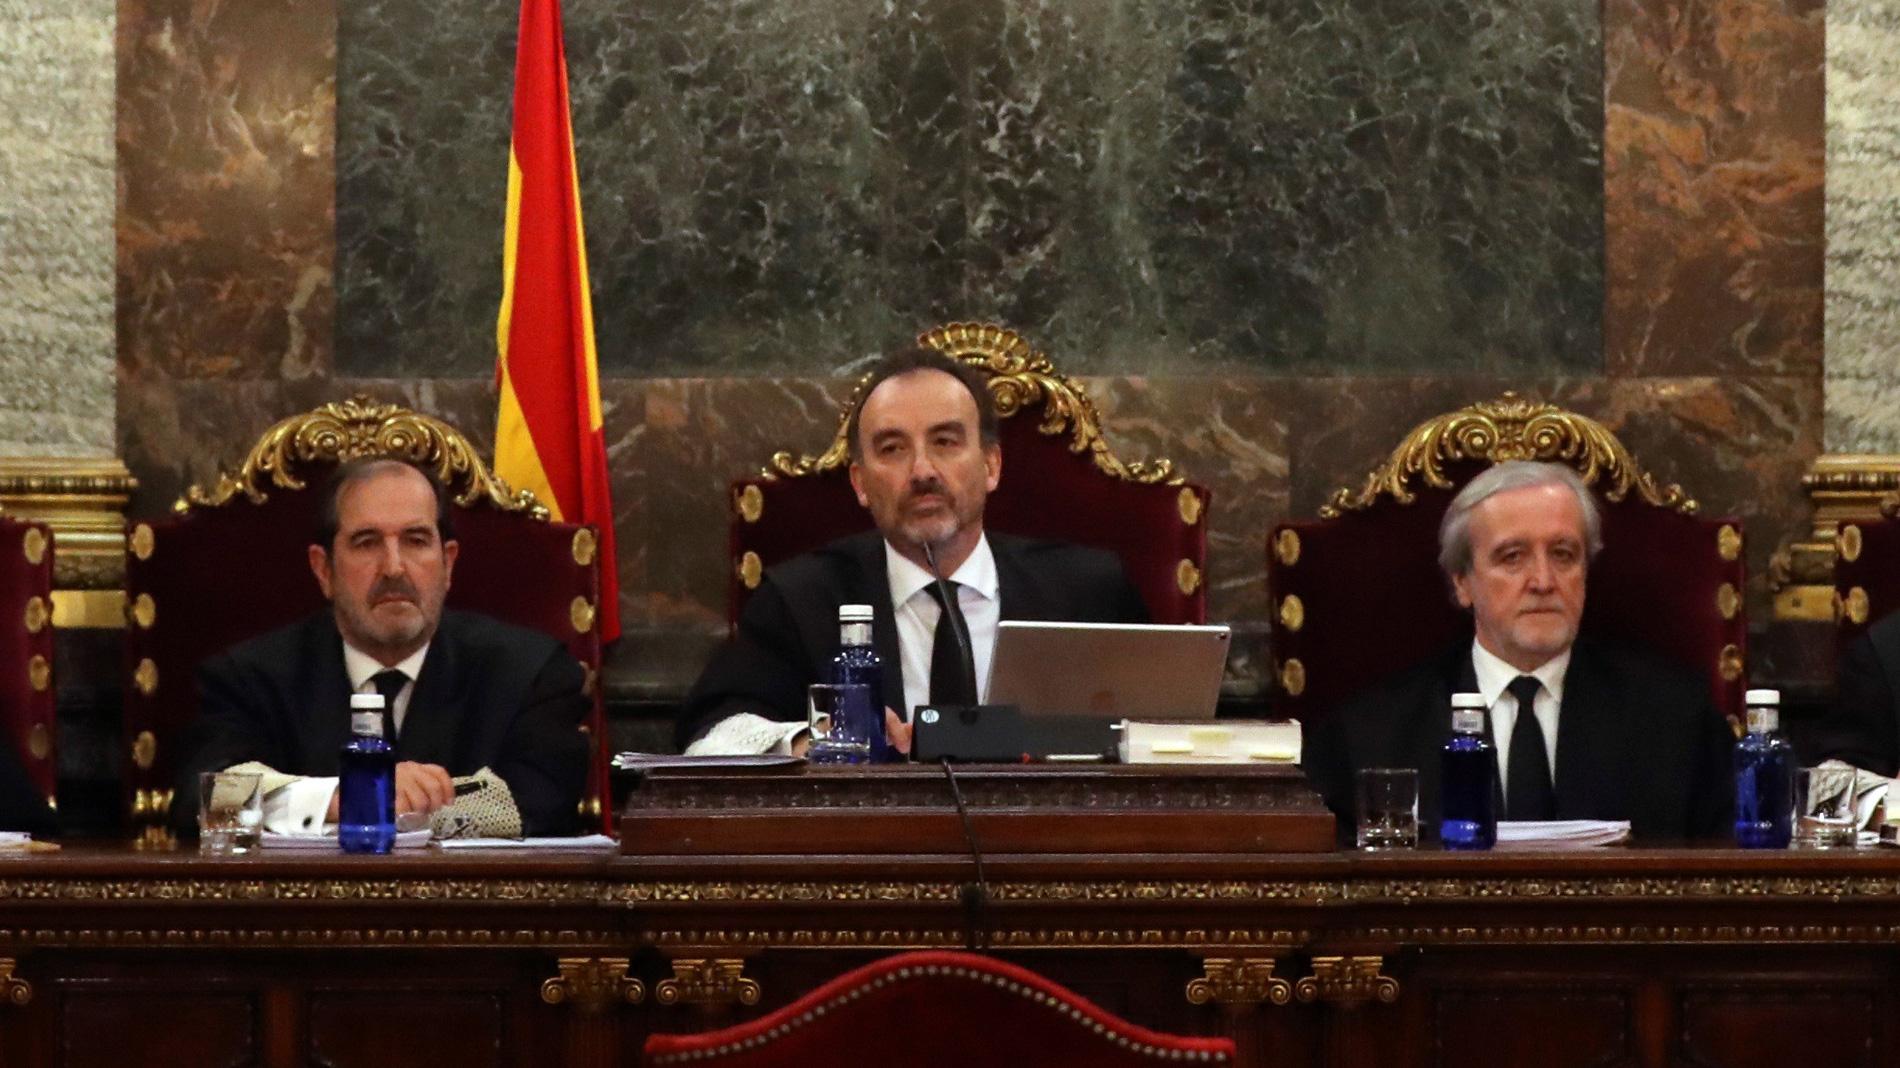 """La Fiscalía apoya que el Supremo enjuicie a los líderes independentistas por el """"grave atentado contra el interés general"""""""